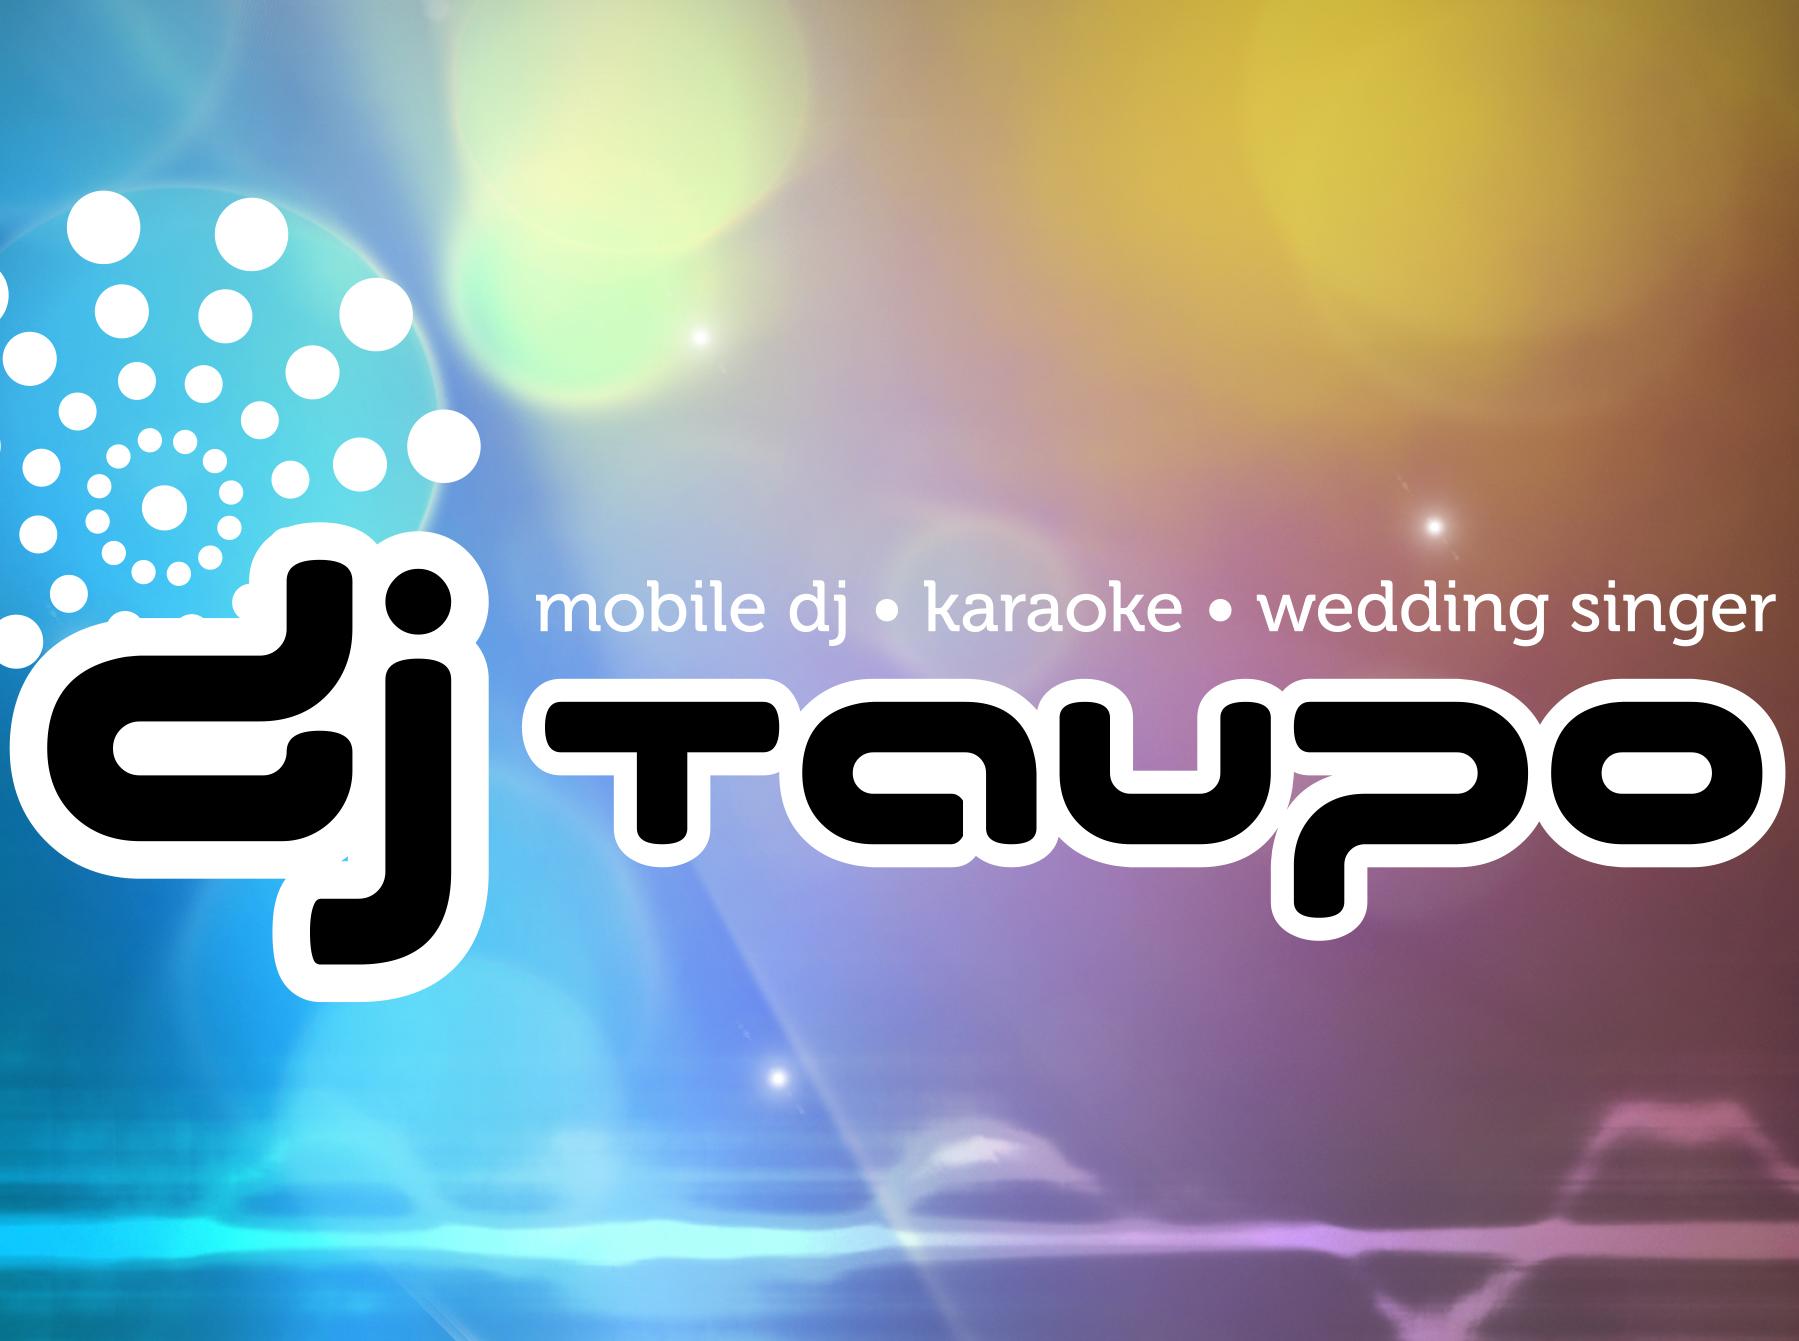 DJ Taupo - Ute Signage.cdr